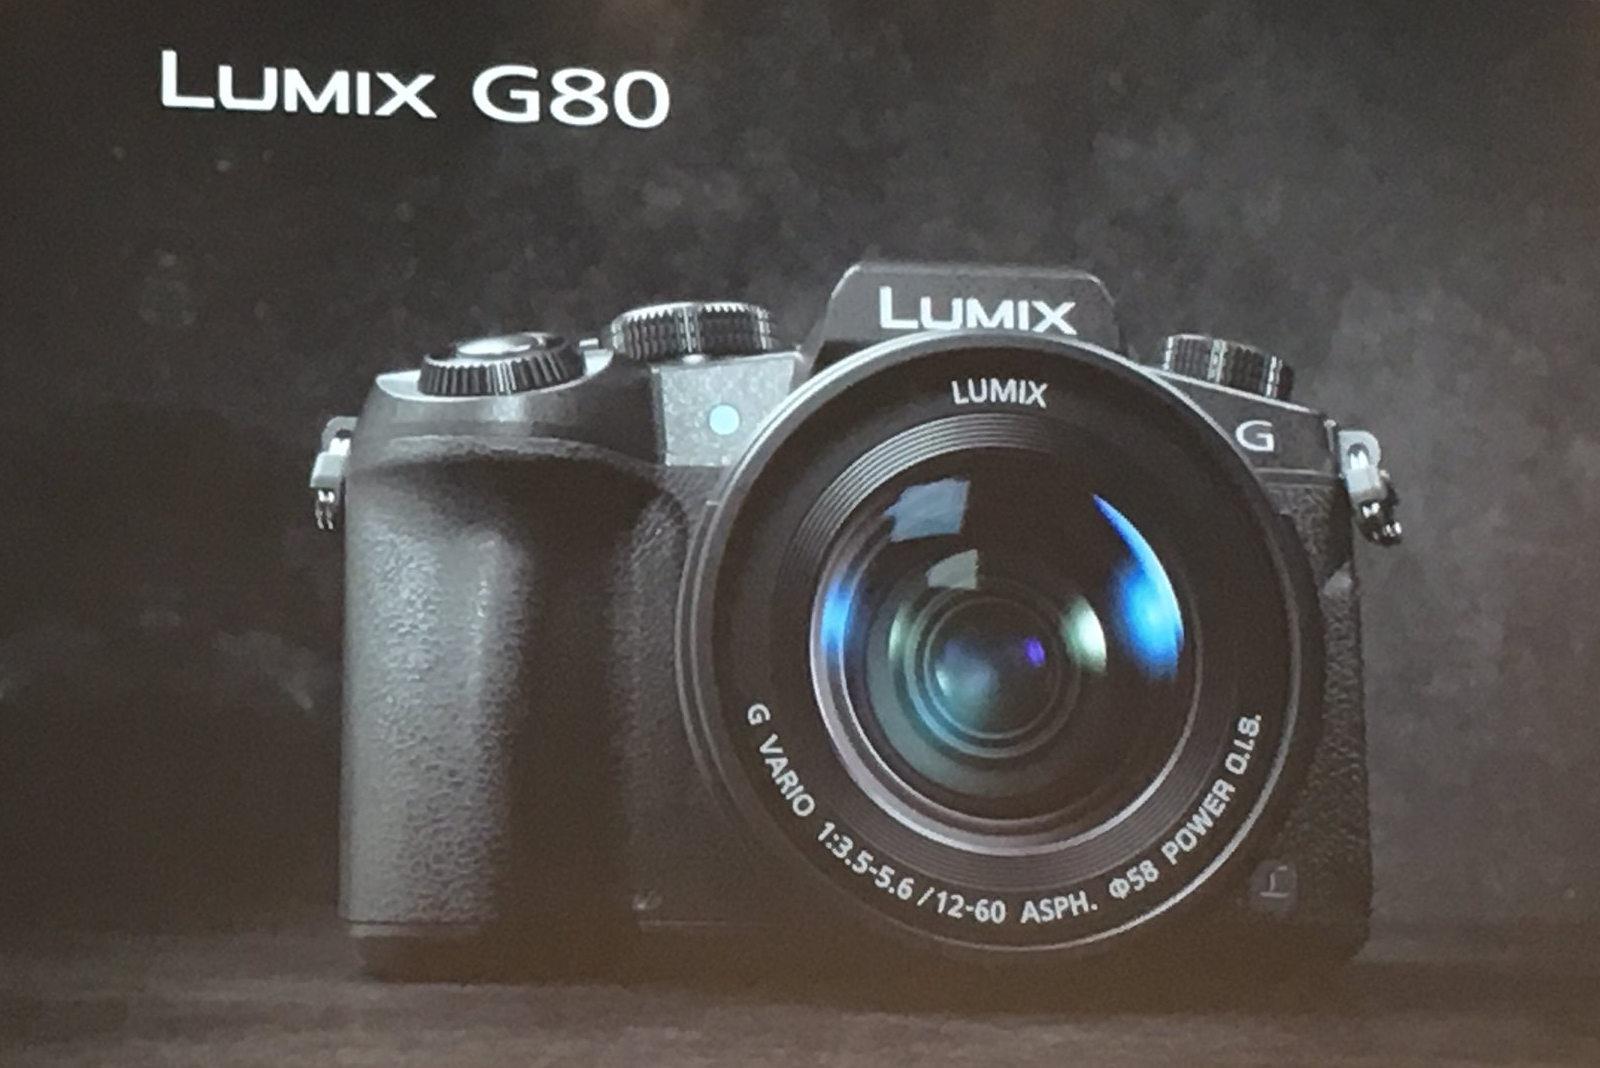 Кадр с официальной презентации Lumix G80